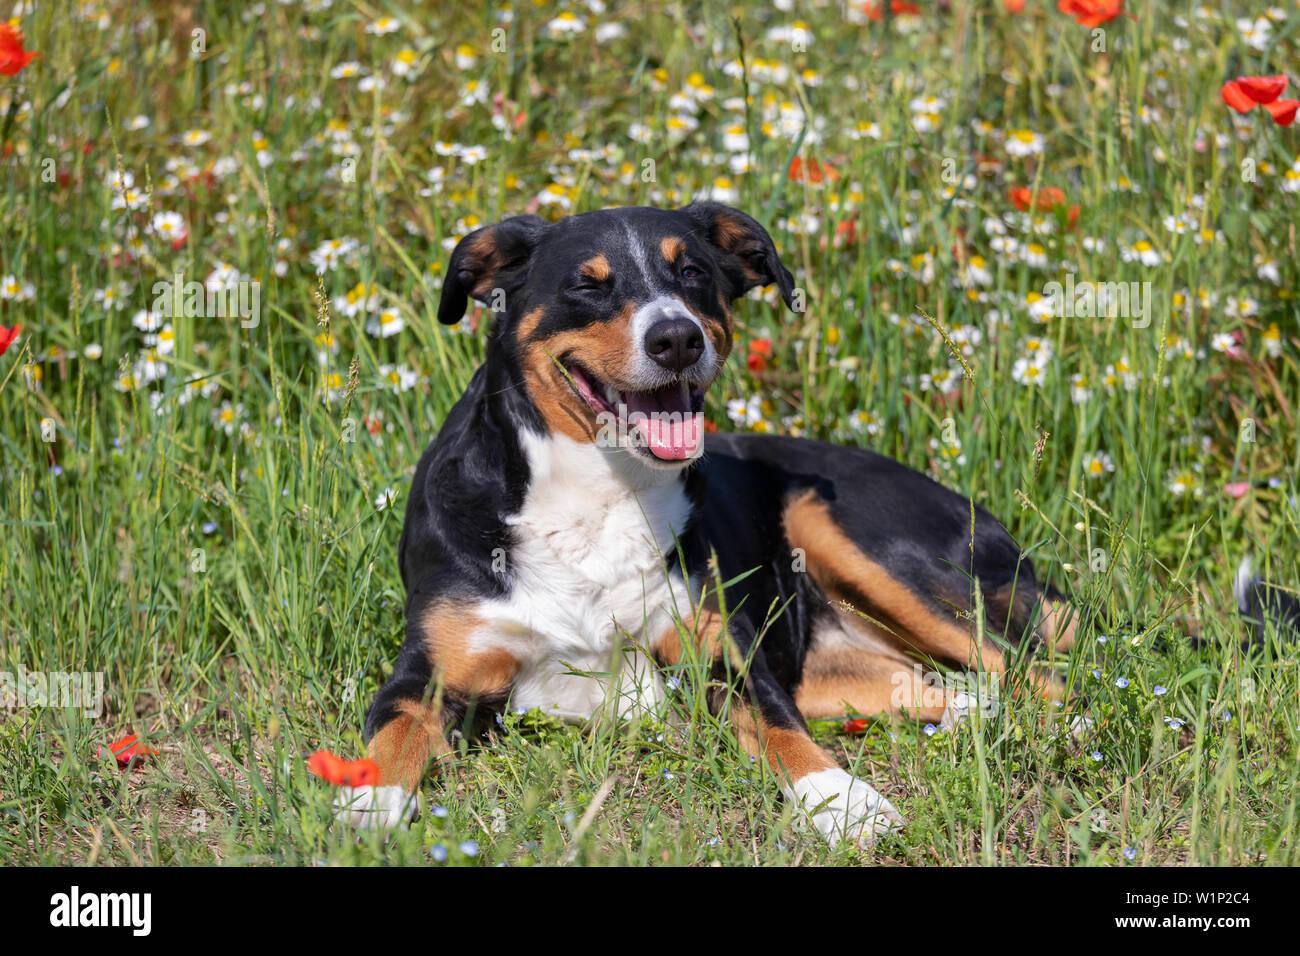 Dog Appenzeller Sennenhund Portrait In Grass With Flowers